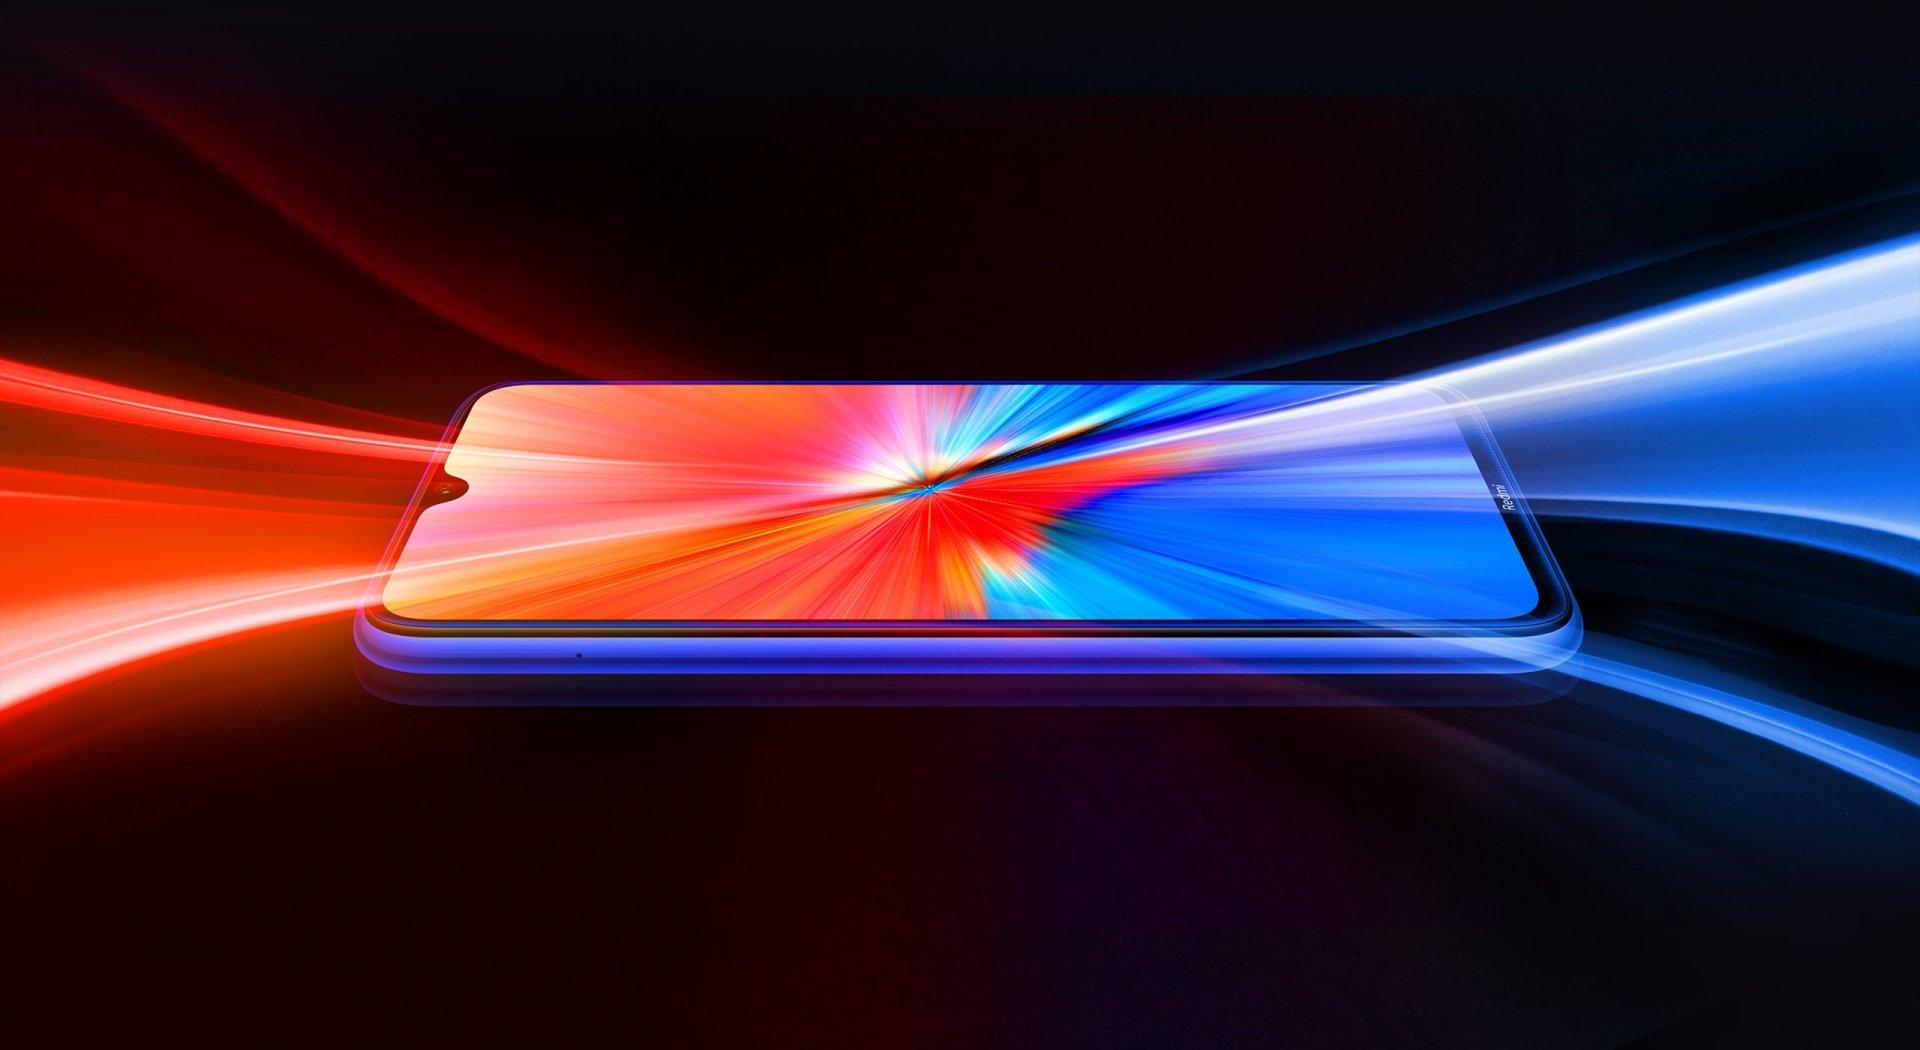 Xiaomi Redmi Note 8 2021 #Xiaomi #Redmi #Note8 #Note82021 #RedmiNote 8 #RedmiNote82021 Kaufber...jpg